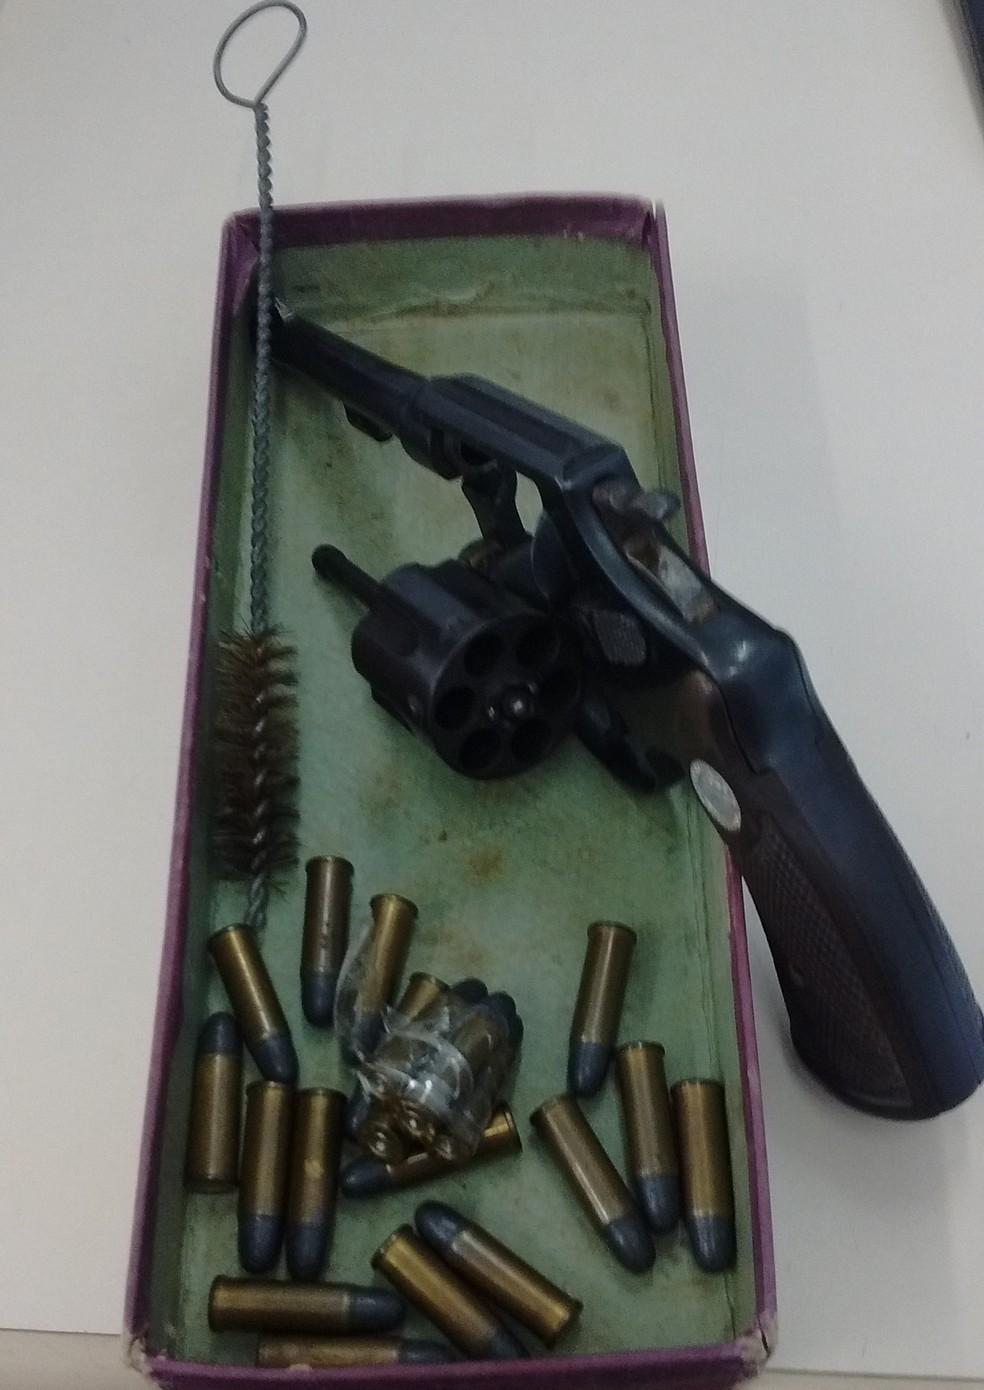 Adolescente foi apreendida em escola de Cambé com arma e munição (Foto: DIvulgação/Polícia Civil do Paraná)